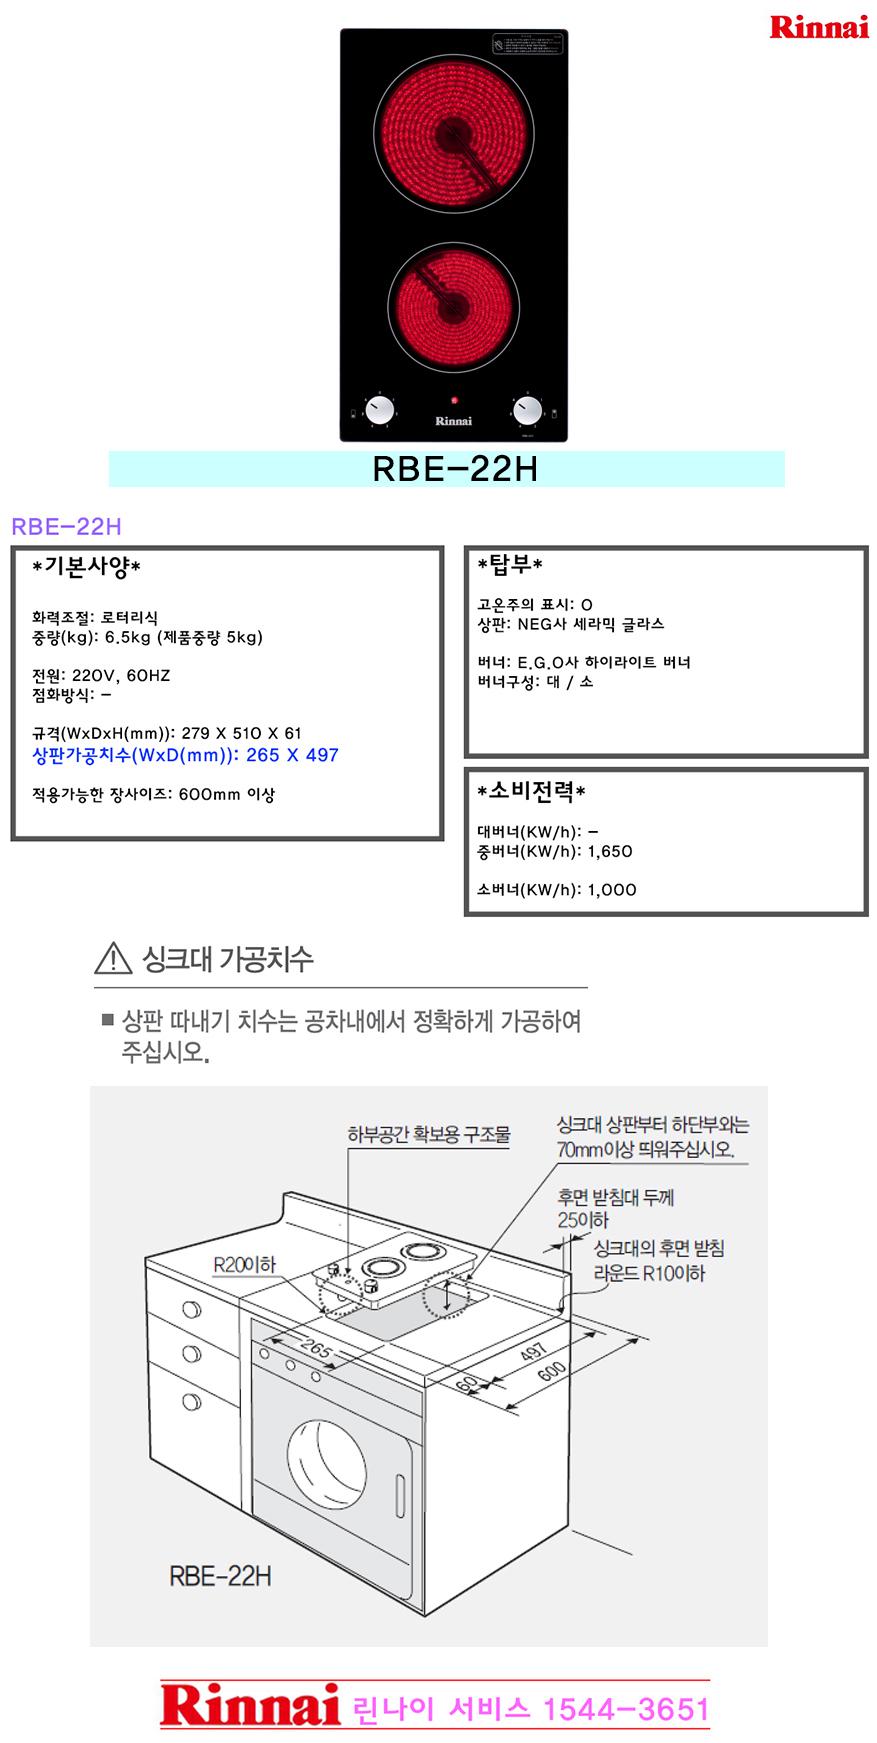 RBE-22H%20%EC%A0%84%EC%B2%B4.jpg